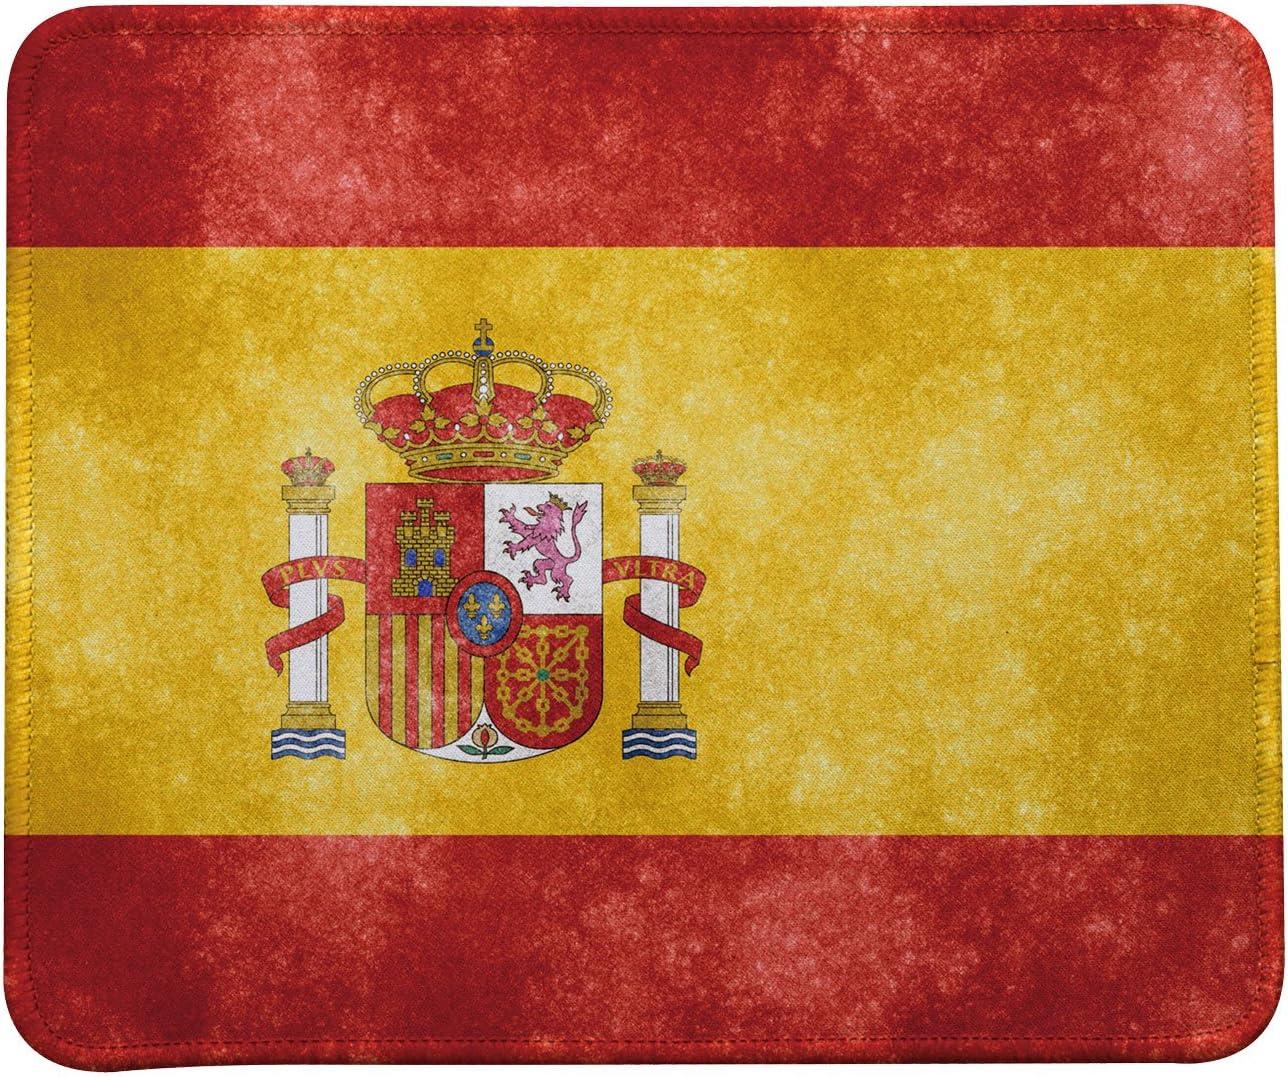 Diseño Retro de la bandera de España alfombrilla para ratón, alfombrilla de ratón de bandera de España por vivipow (TM): Amazon.es: Oficina y papelería